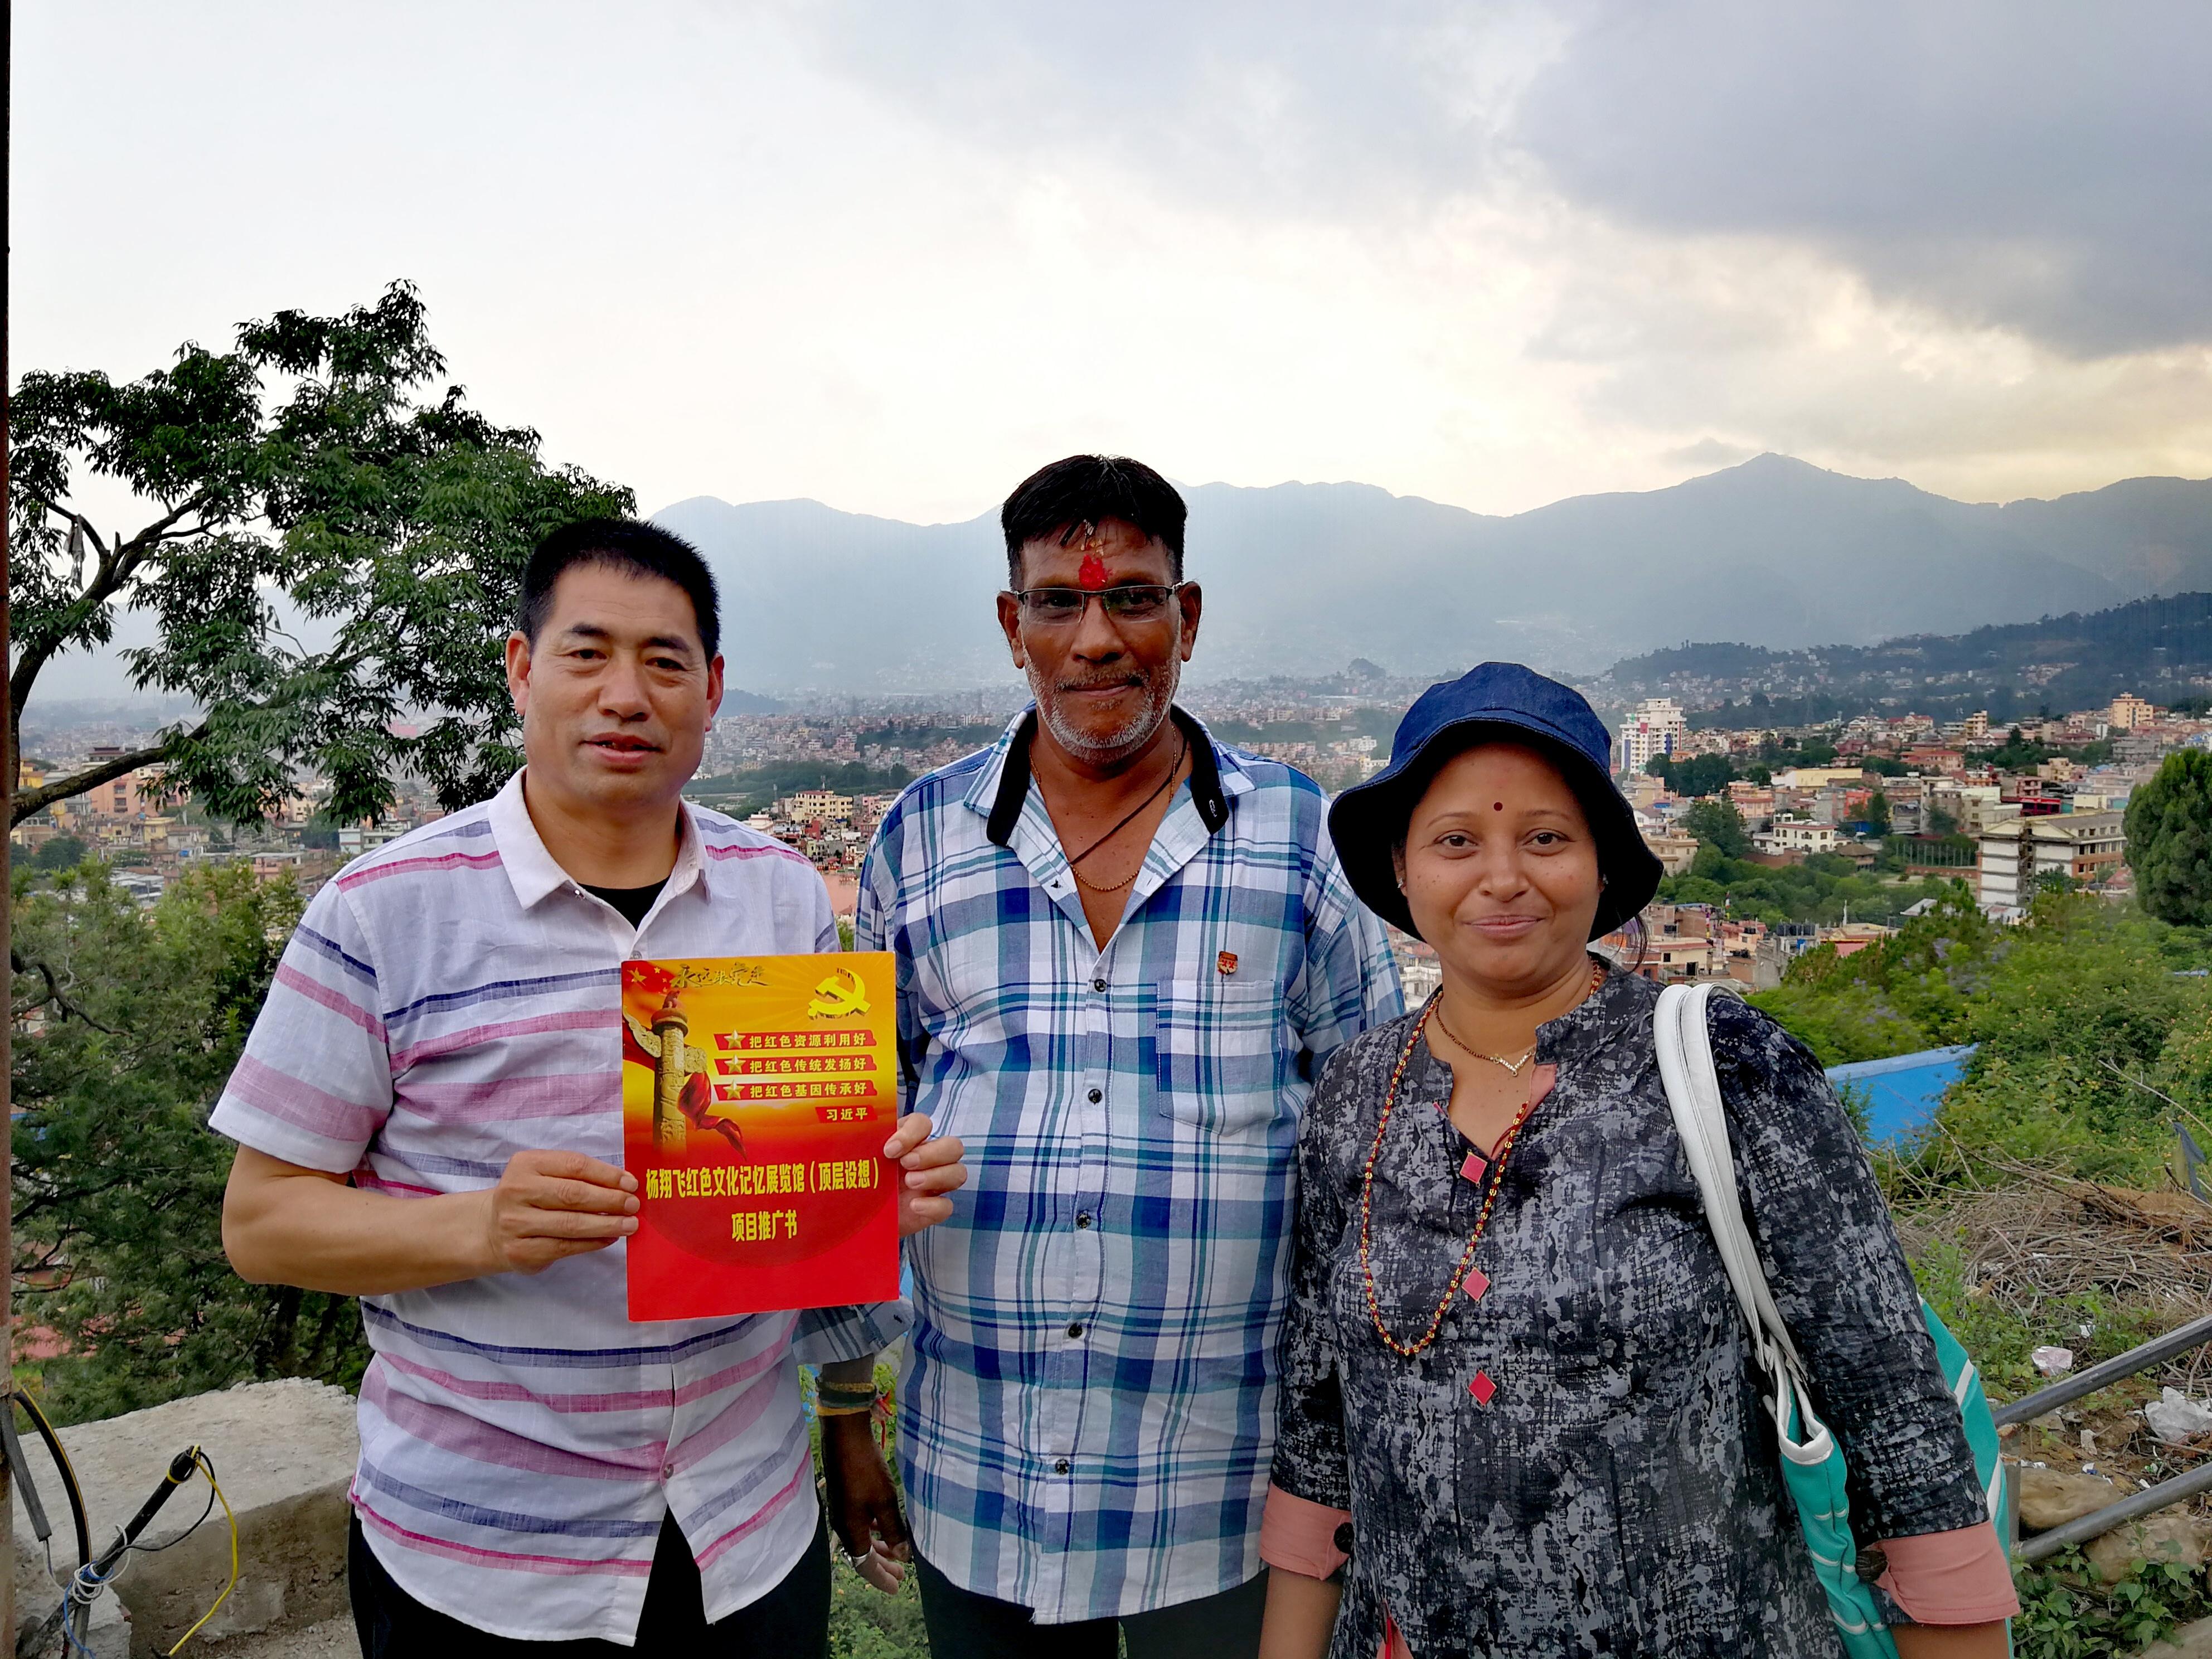 河南紅色收藏家行走合肥院徐寧被抓萬里跨國宣講紅色收藏